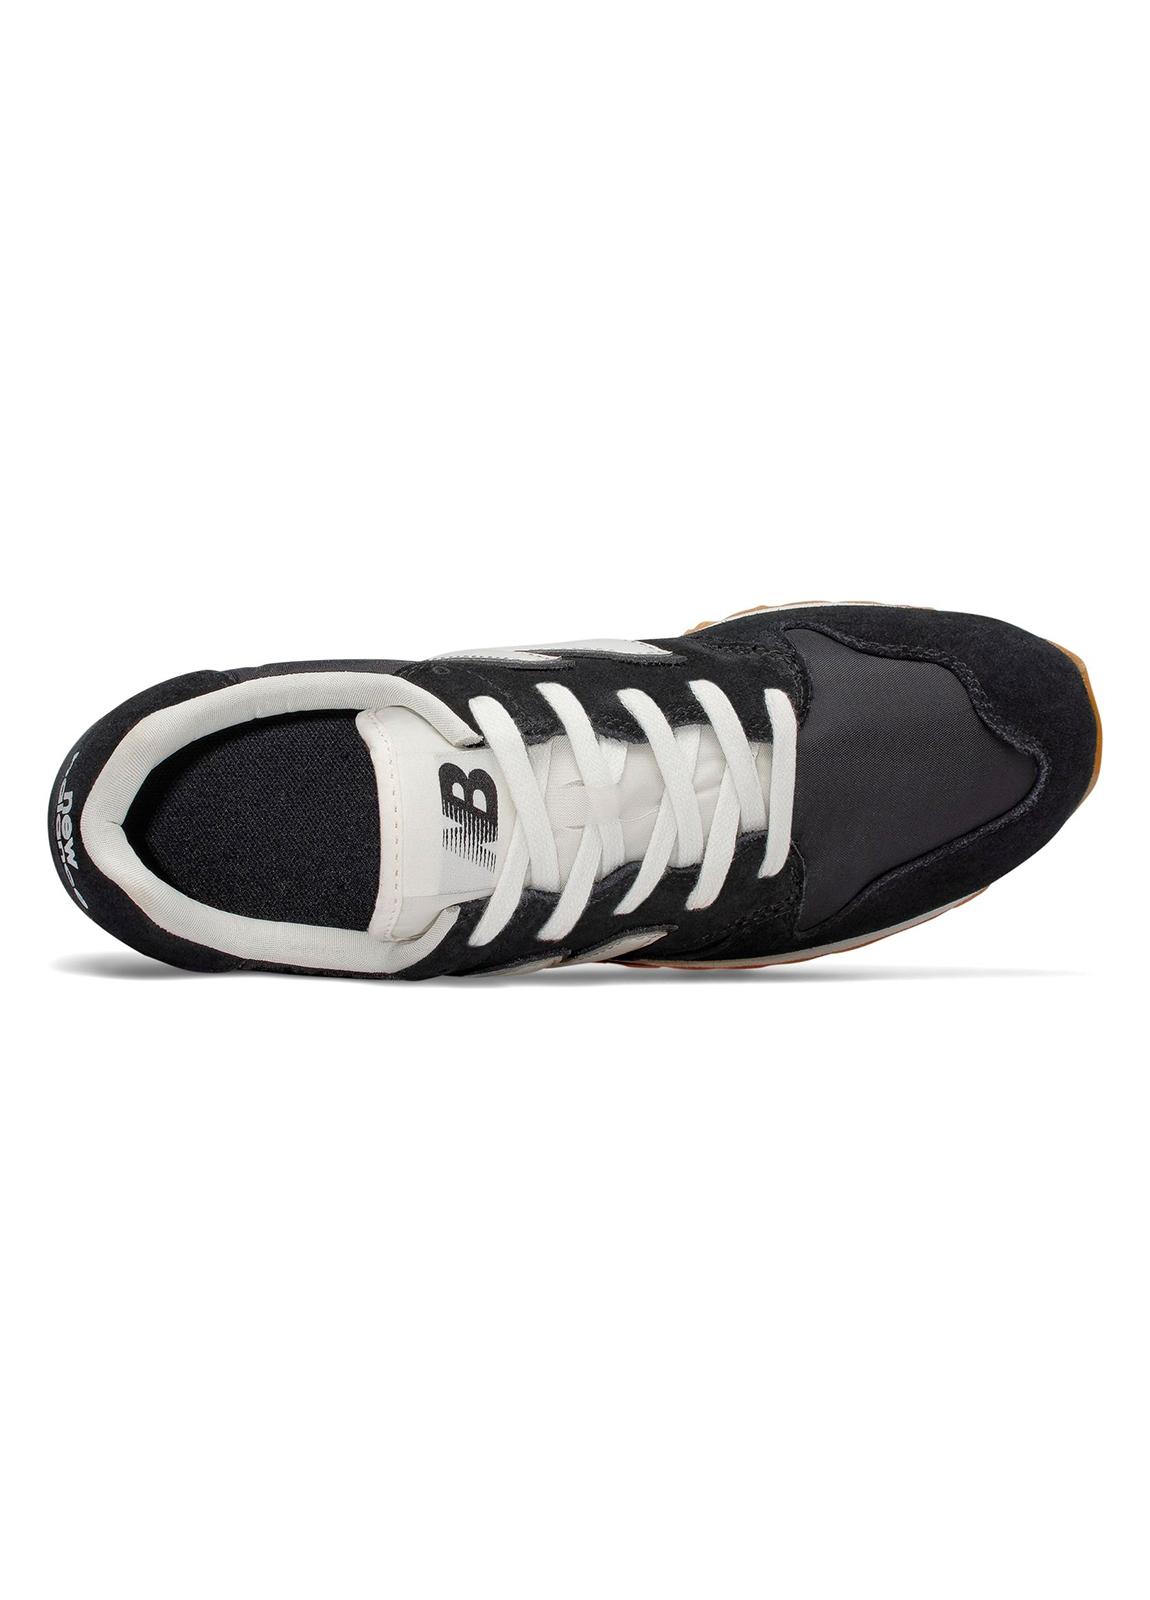 Sneaker hombre U520 color negro con detalles en blanco serraje, piel y malla. - Ítem2